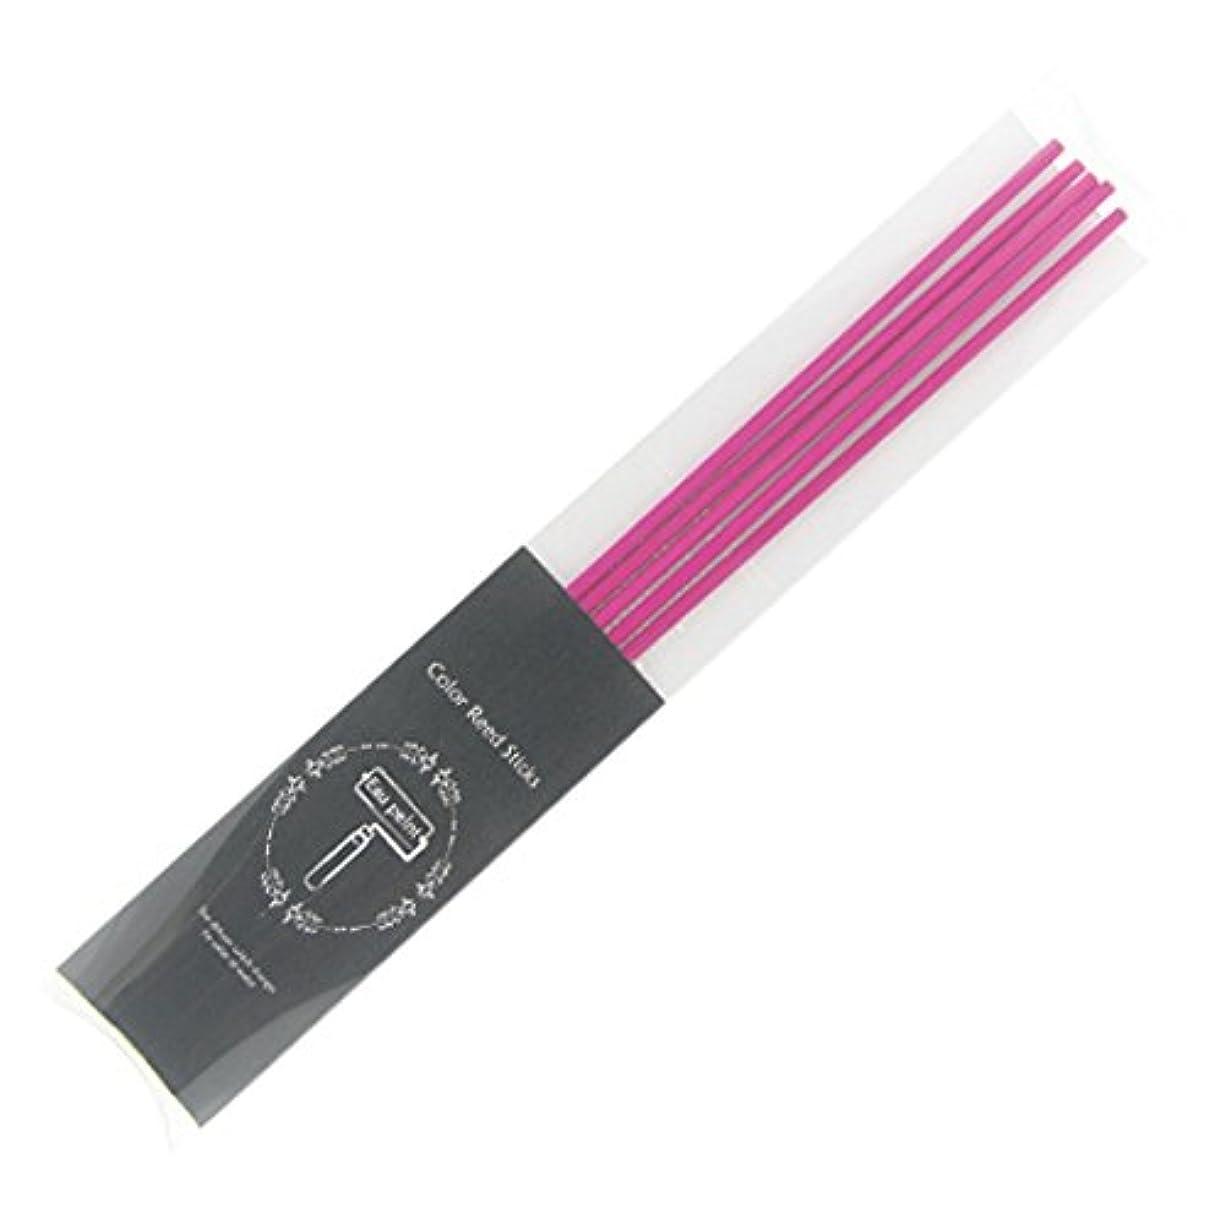 狼キャメル絵Eau peint mais+ カラースティック リードディフューザー用スティック 5本入 ピンク Pink オーペイント マイス